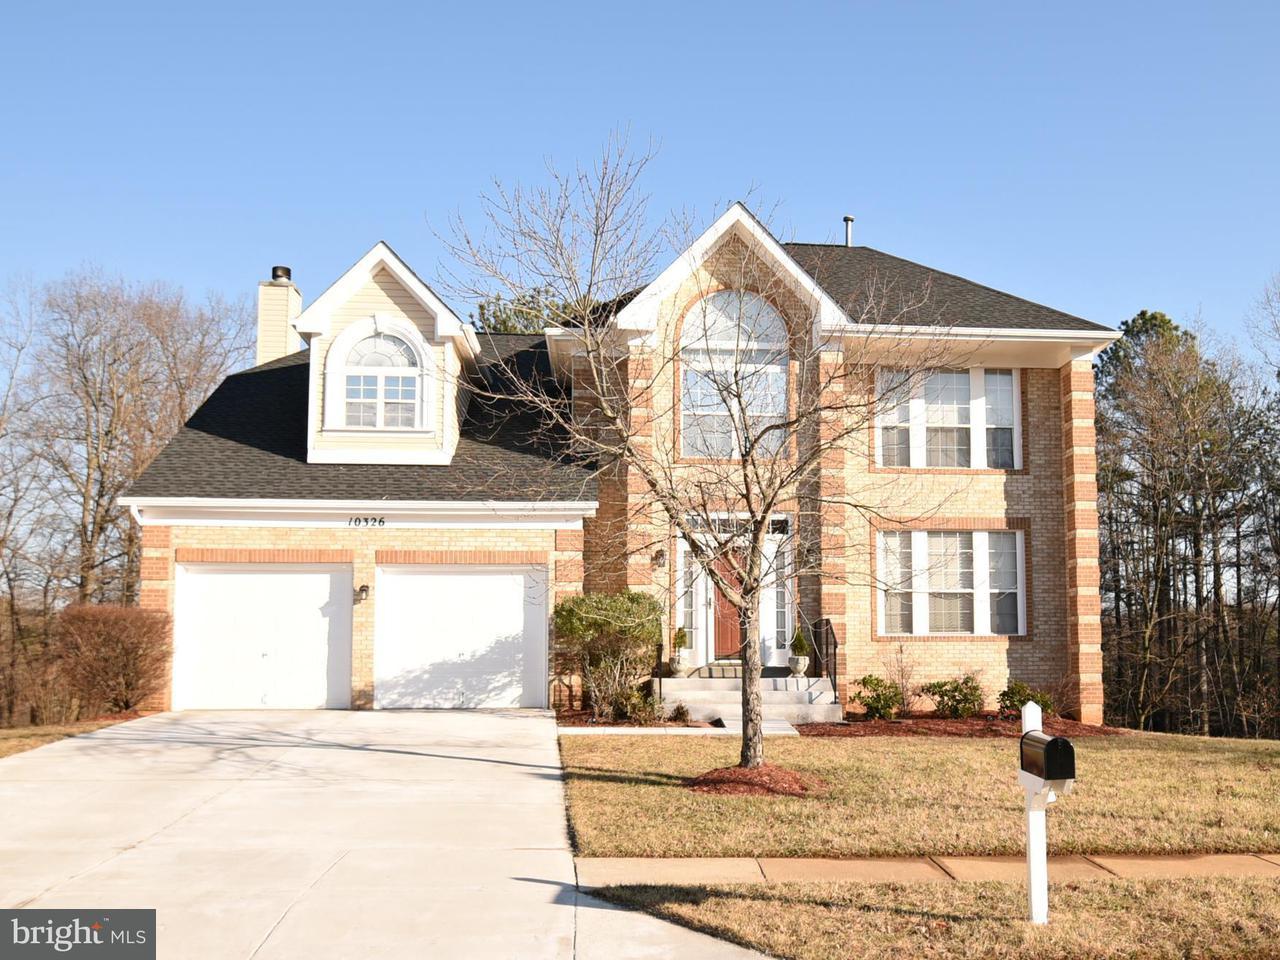 Частный односемейный дом для того Продажа на 10326 Halton Ter 10326 Halton Ter Lanham, Мэриленд 20706 Соединенные Штаты